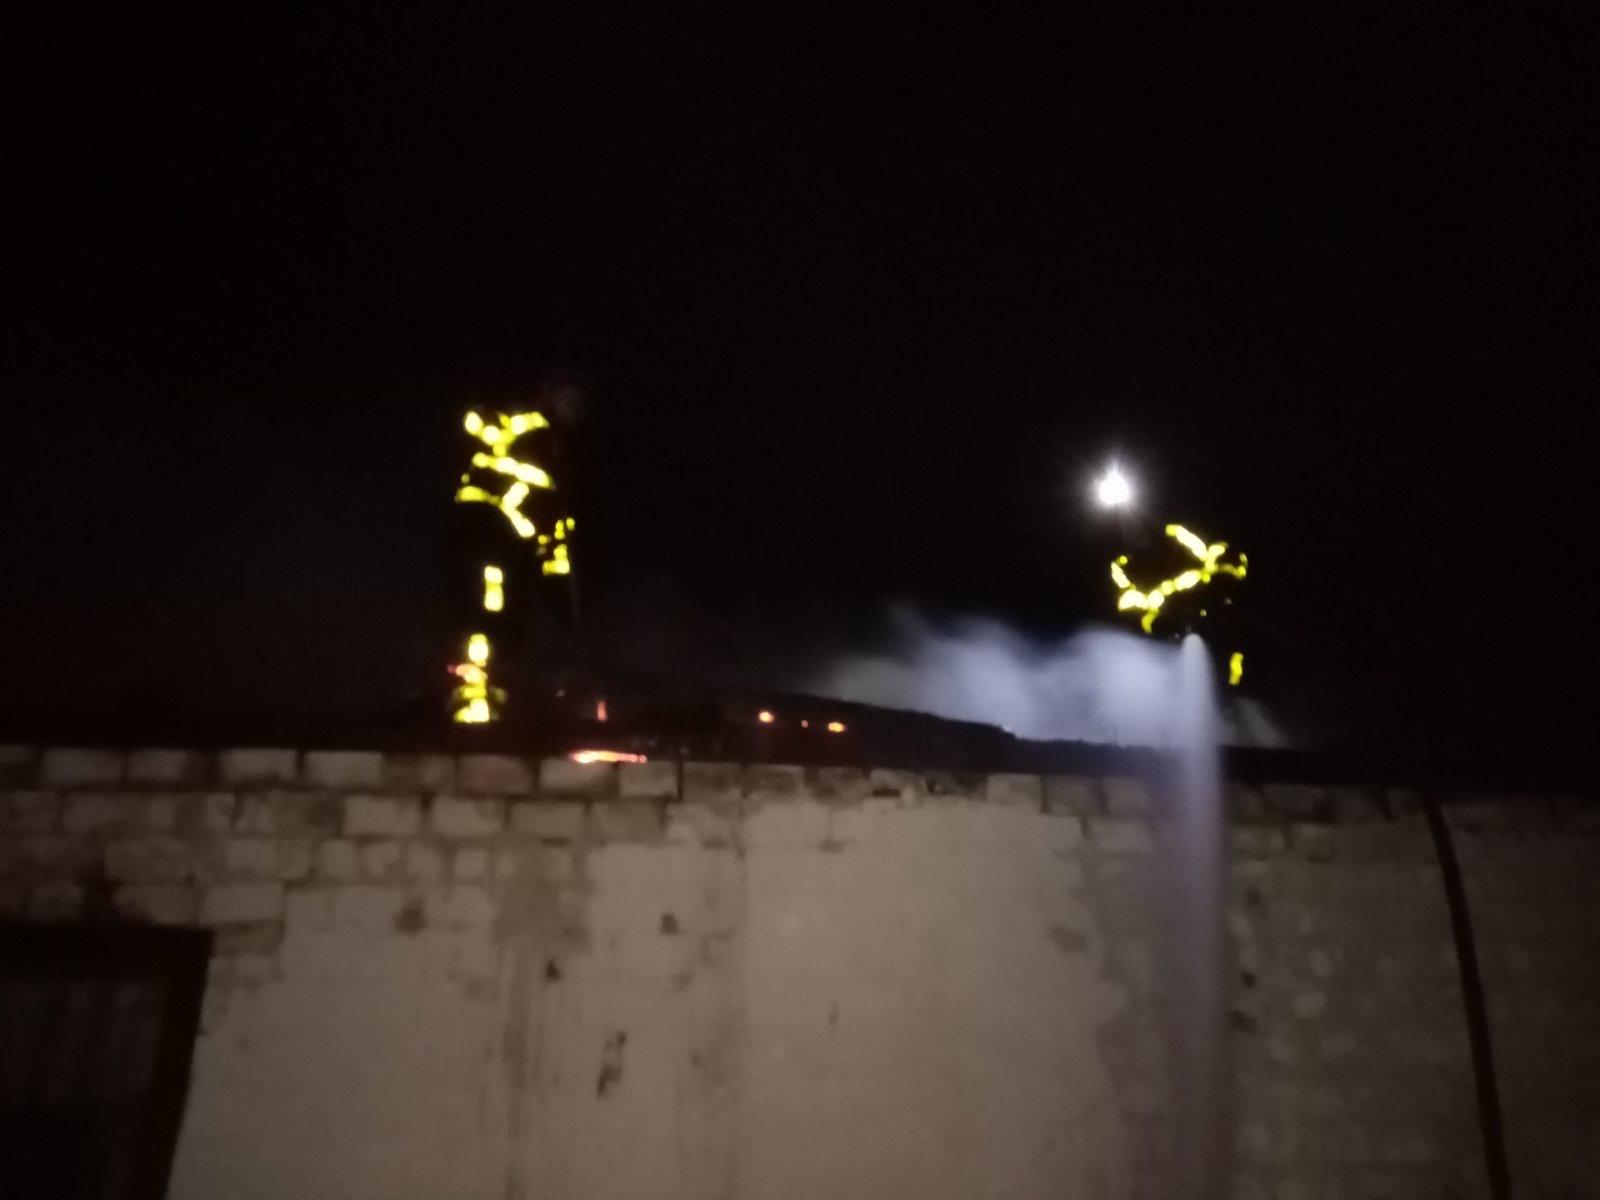 Під час пожежі в надвірній споруді на Хустщині згоріло п'ять тон сіна